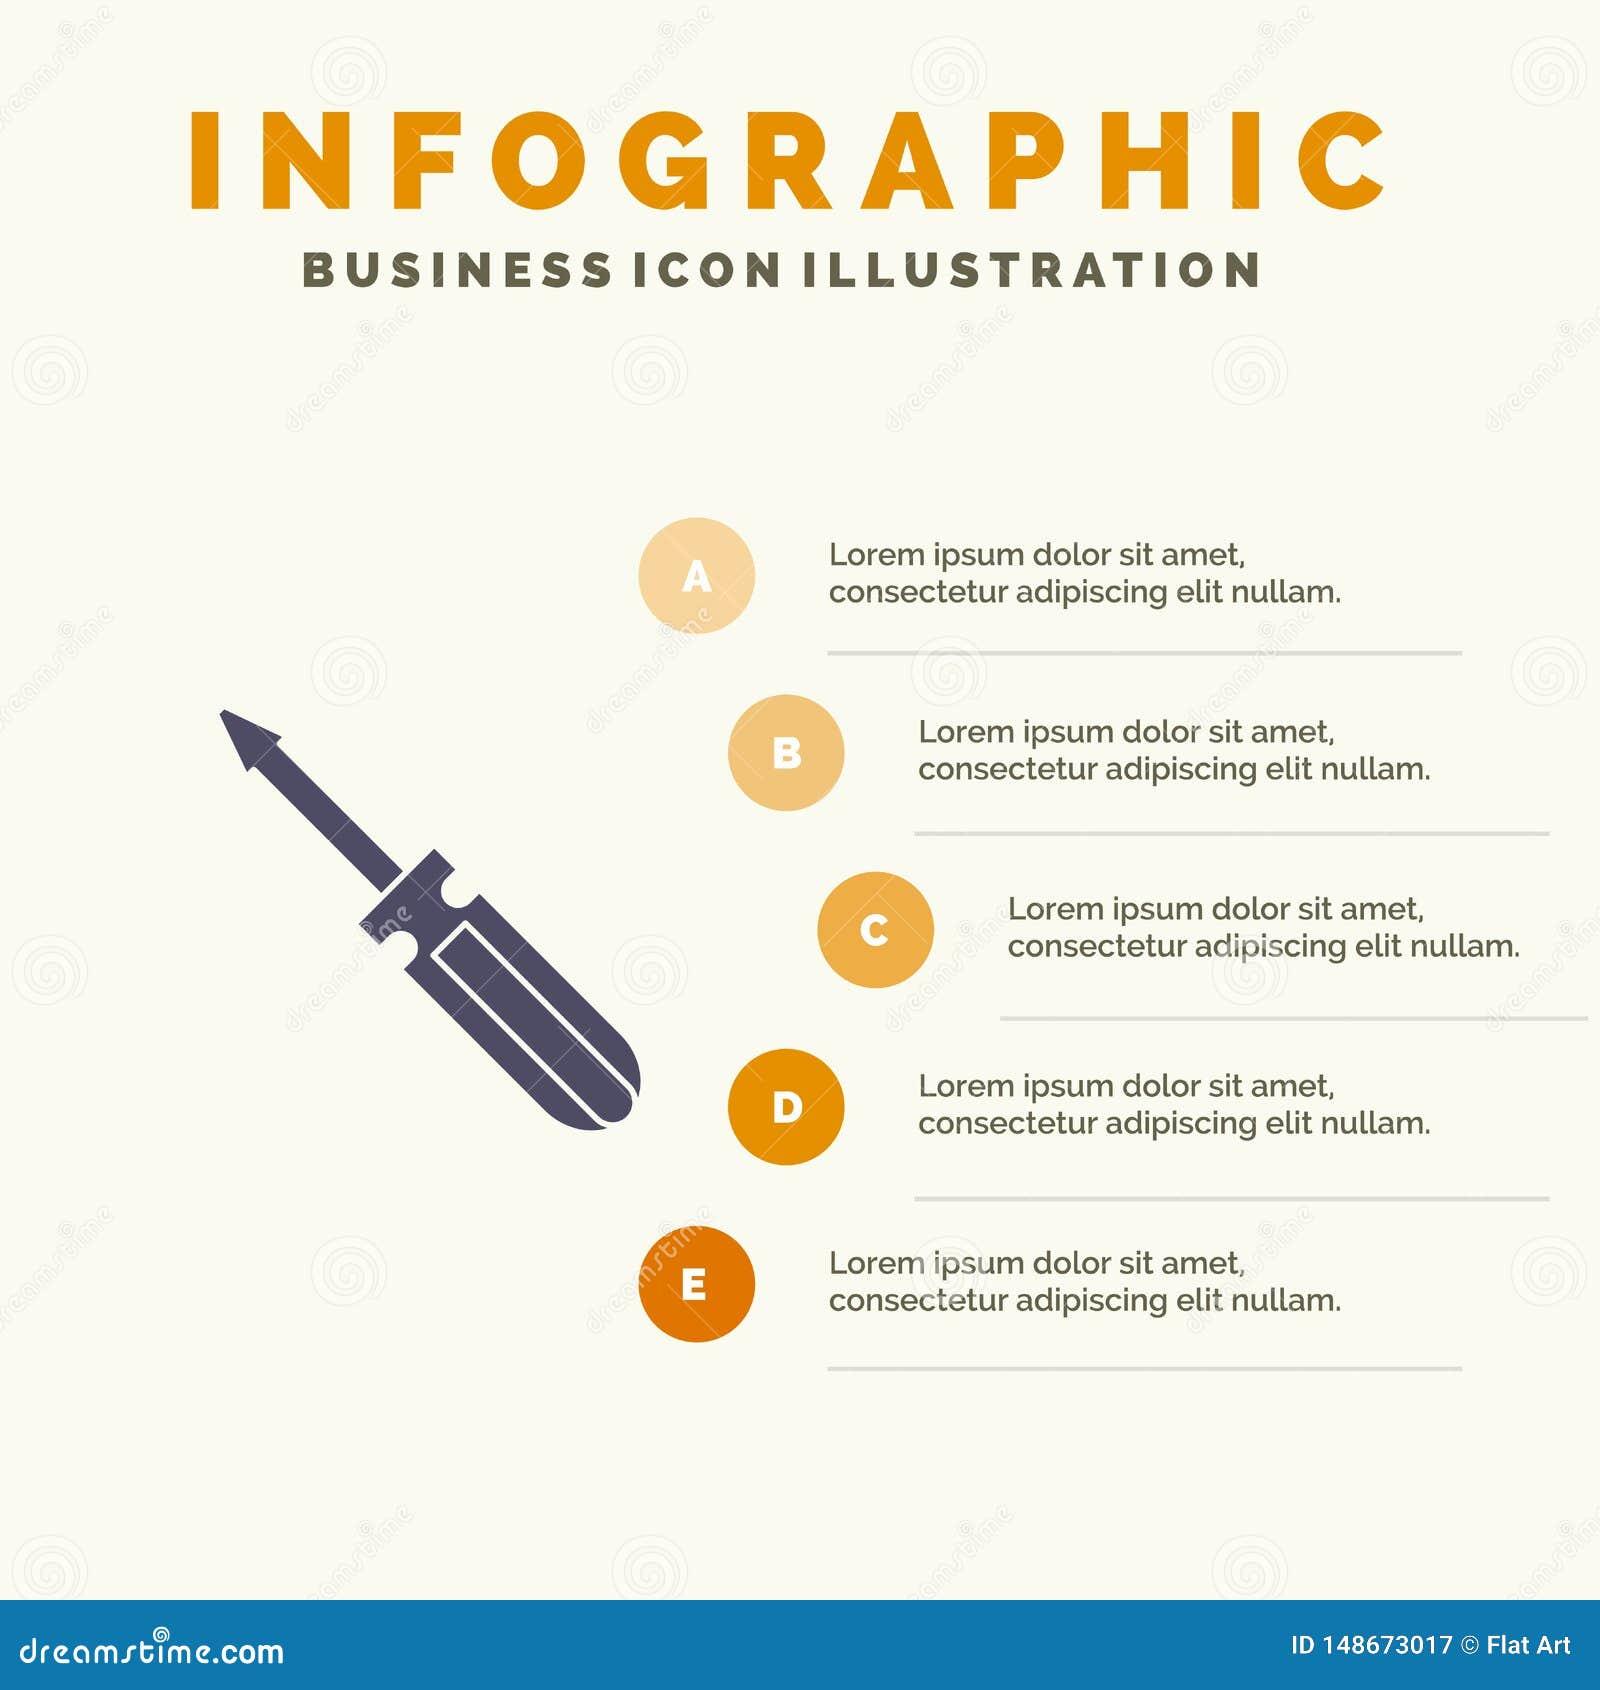 Βίδα, οδηγός, εργαλείο, επισκευή, στερεό εικονίδιο Infographics 5 εργαλείων υπόβαθρο παρουσίασης βημάτων